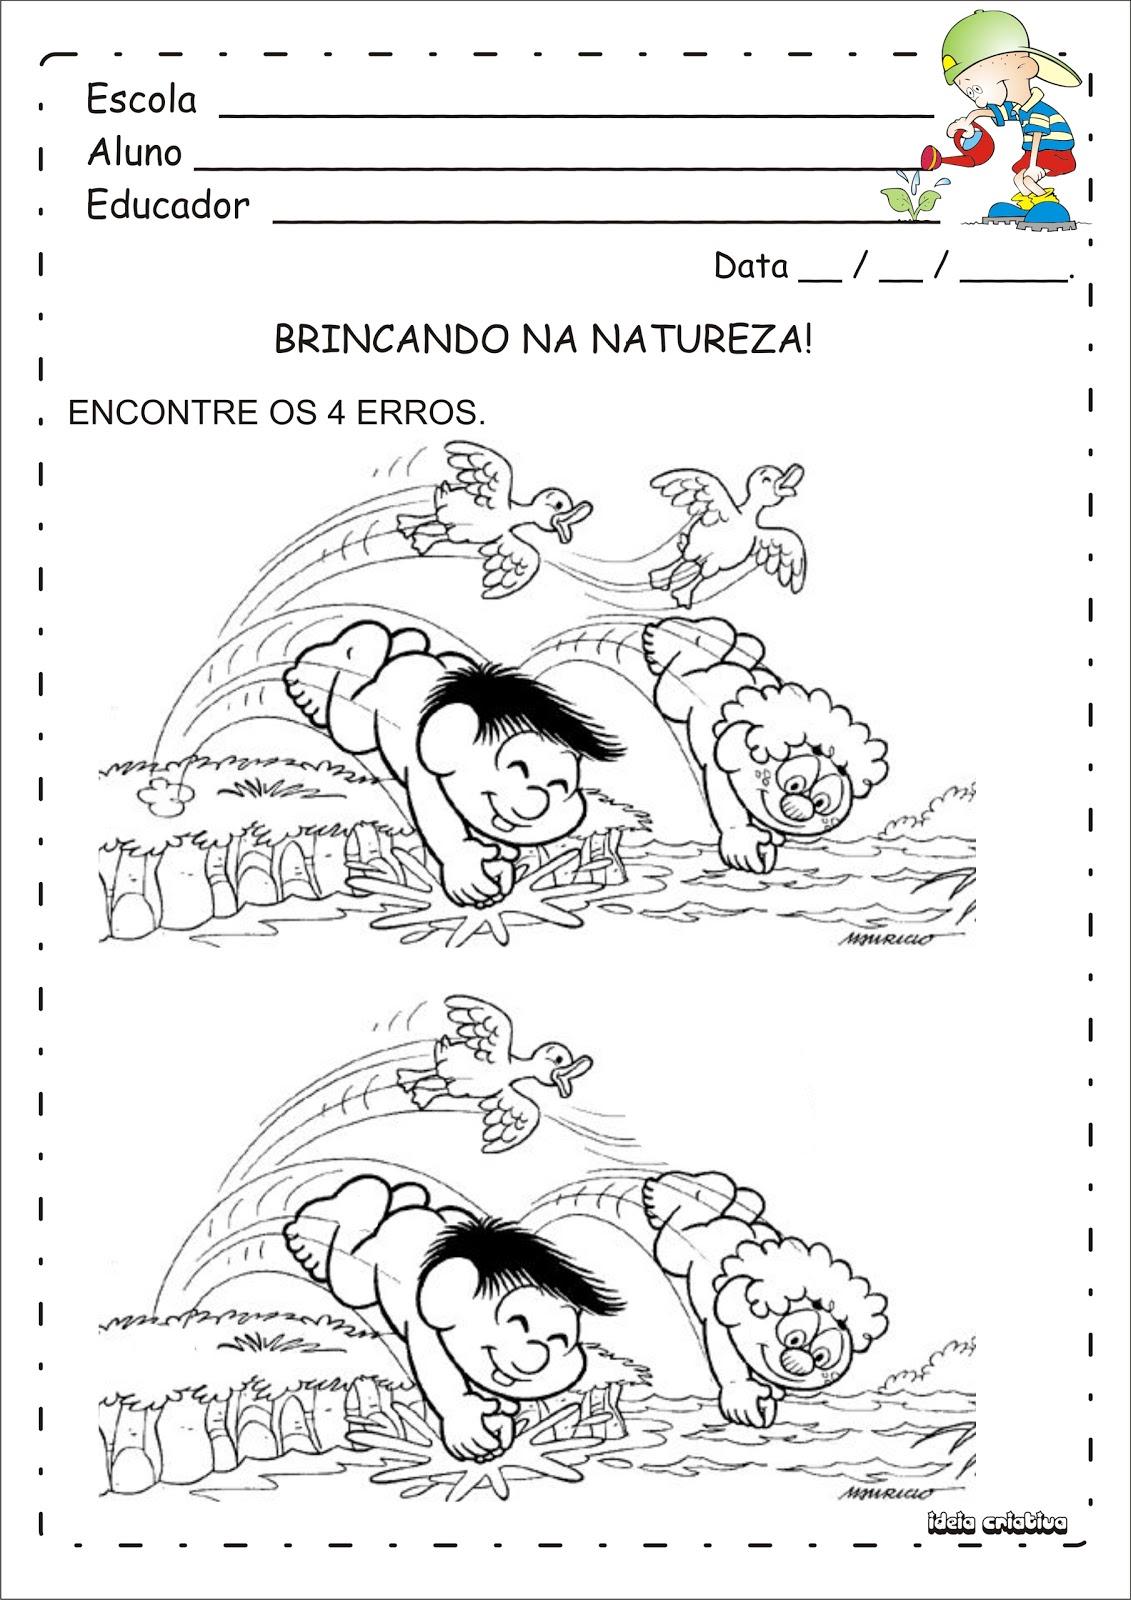 Fabuloso Atividade 4 Erros Turma da Mônica Meio Ambiente Educação Infantil  WA58